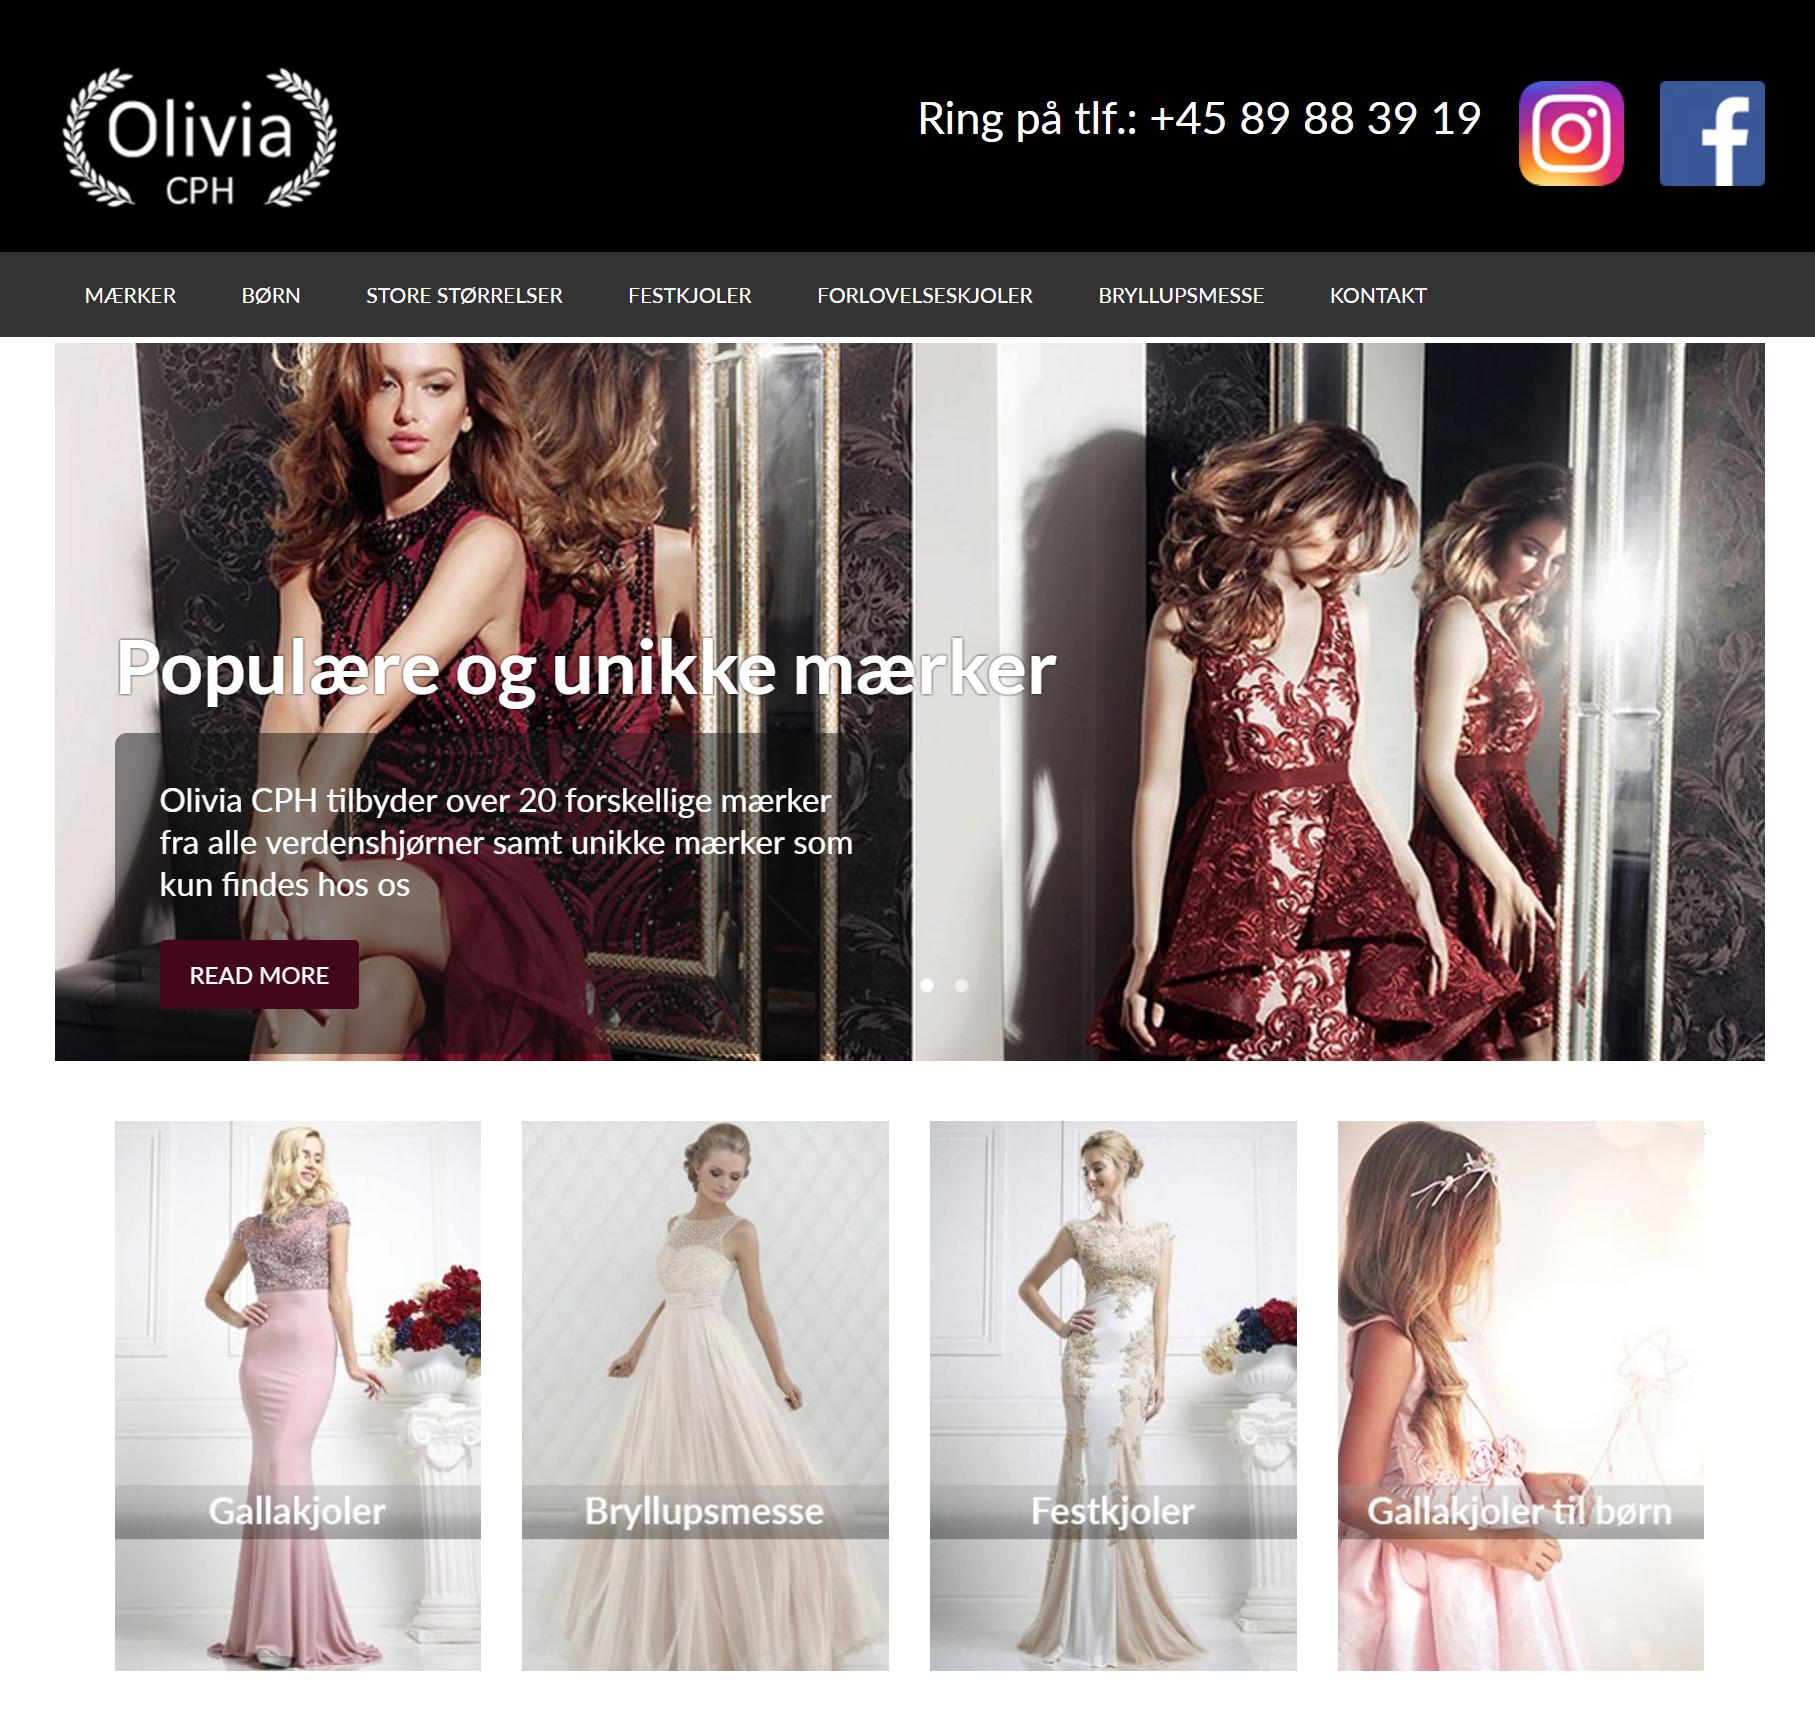 Rørig Billige festkjoler – Billige kjoler til fest – Olivia CPH CI-93